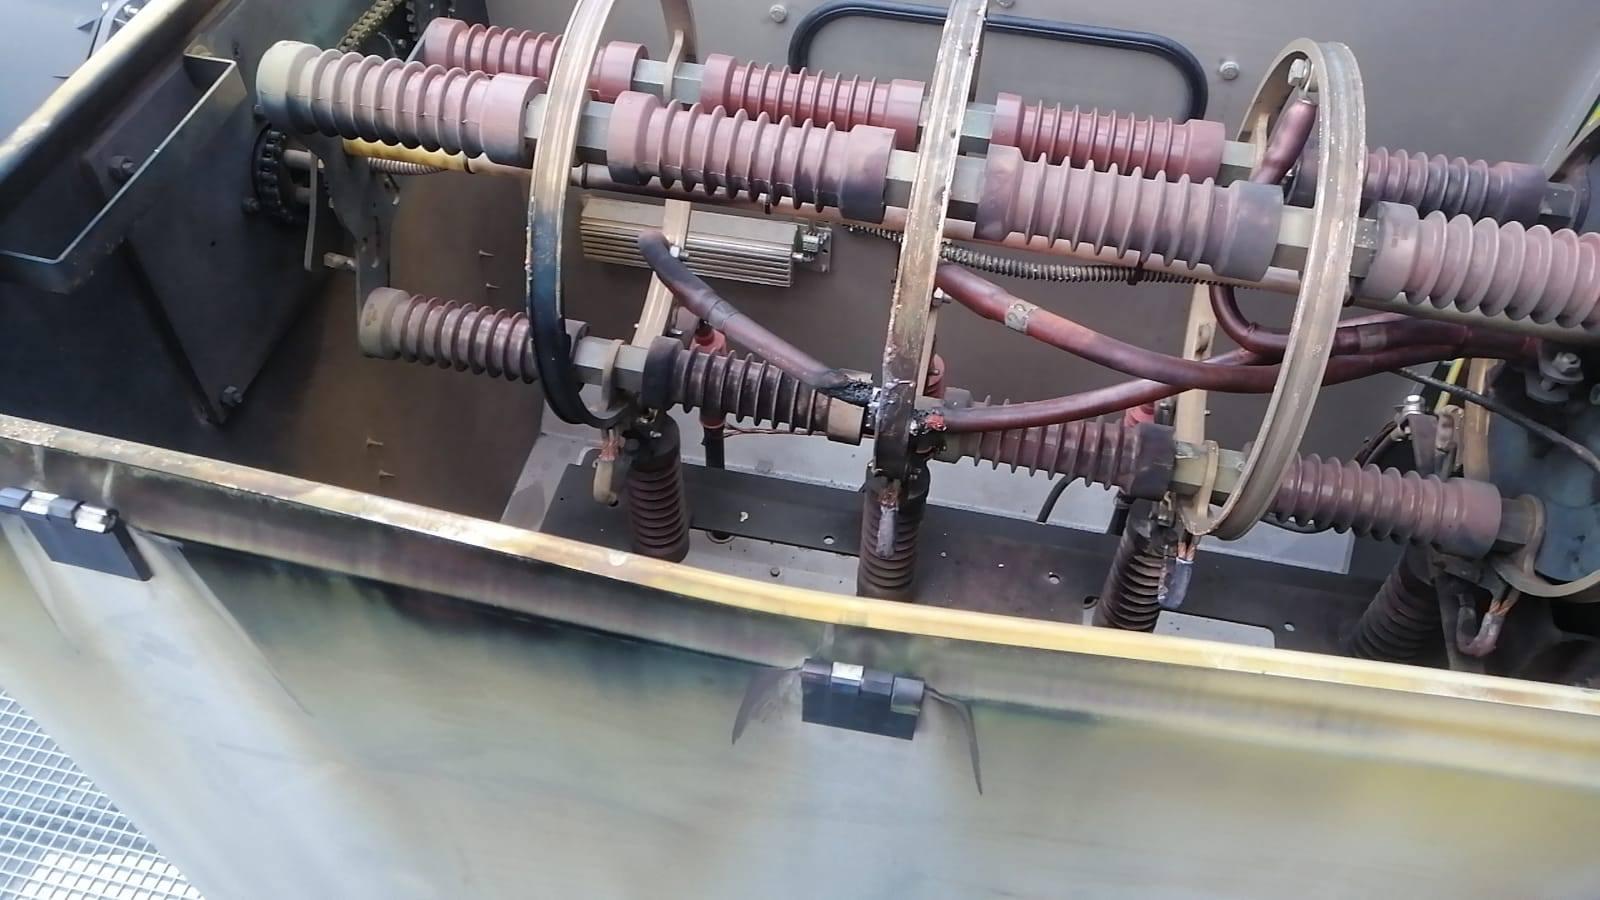 20200102-E-8-10kV-Kabel-Portal-Kran-beschädigt